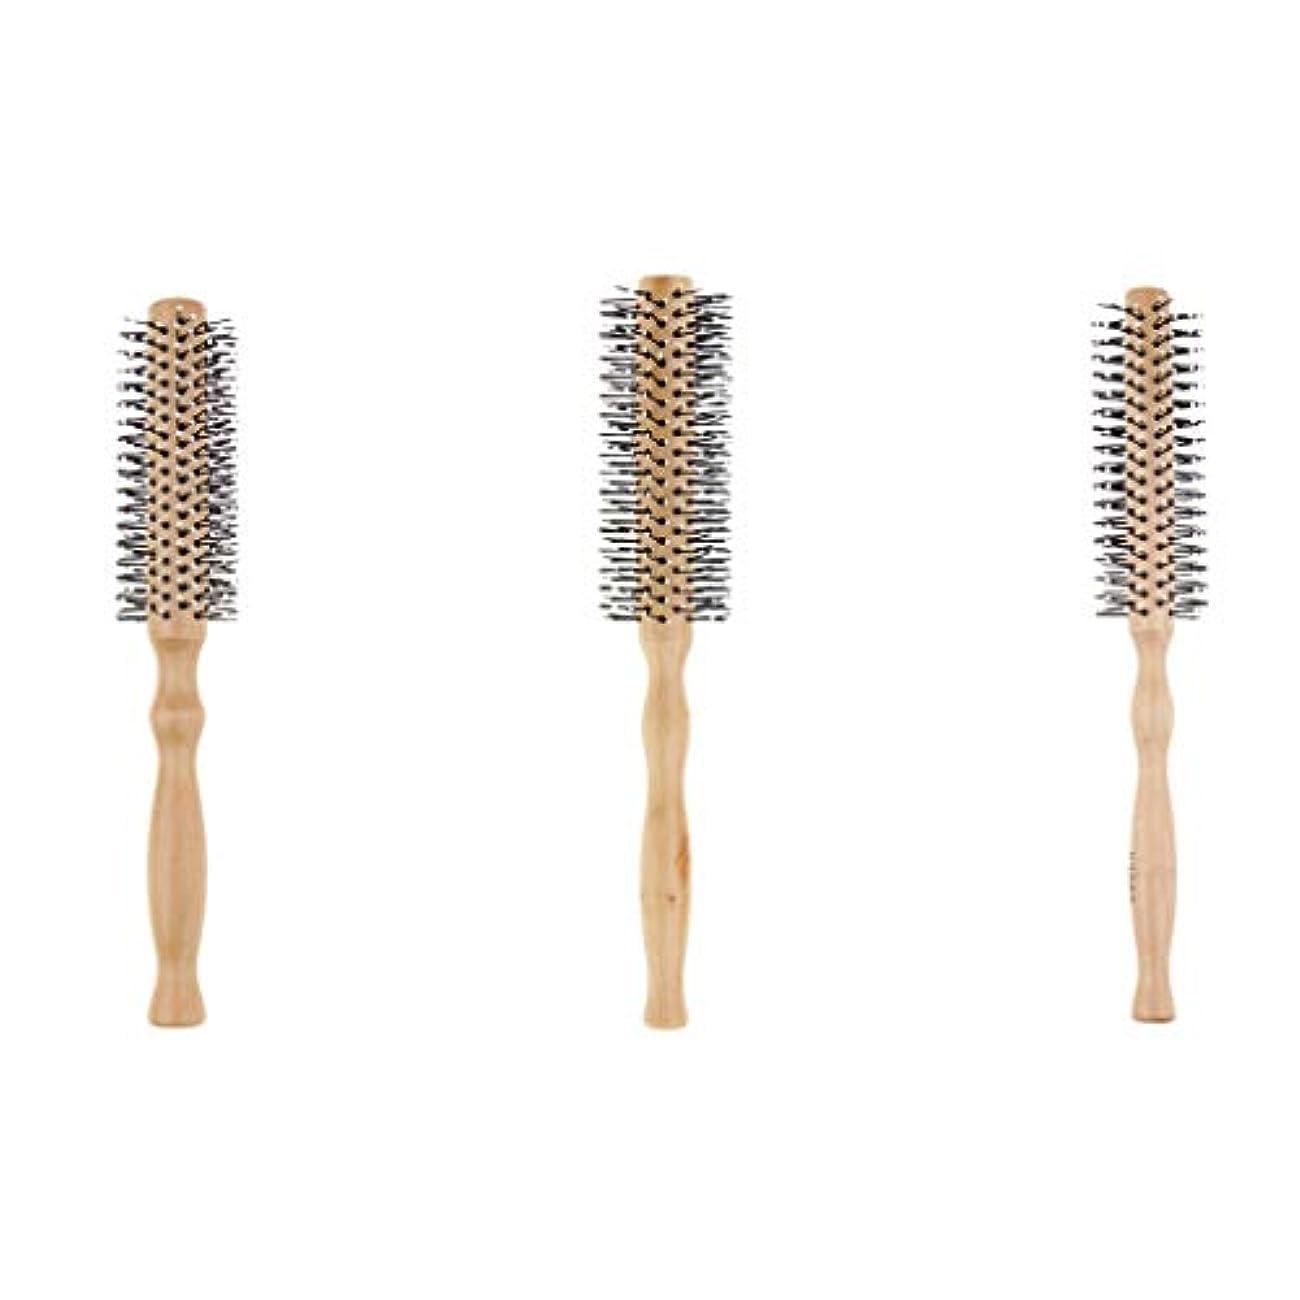 アルコールのれんイデオロギー3本セット ロールブラシ 巻き髪 ヘアブラシ 木製櫛 スタイリングブラシ